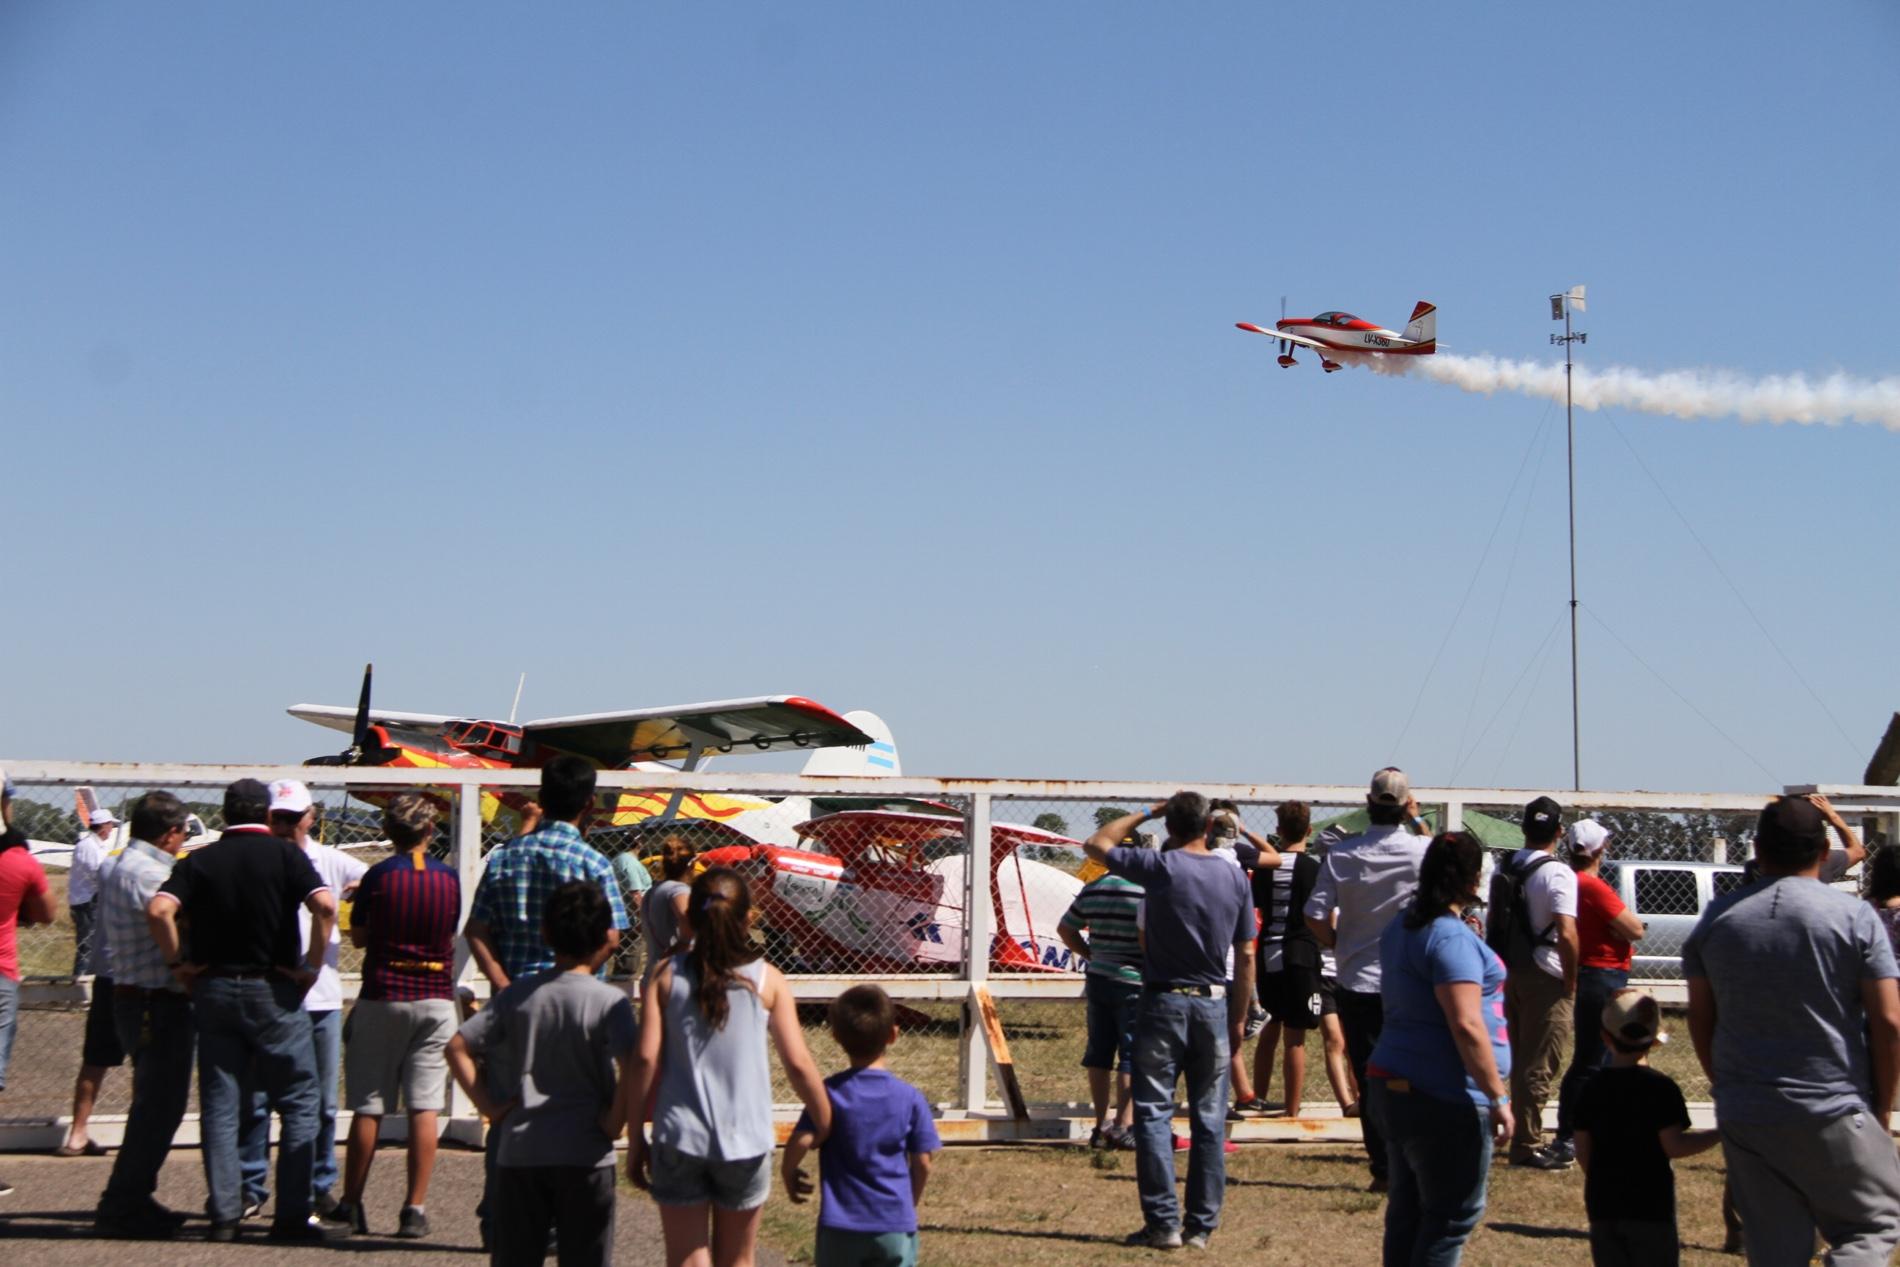 Comenzó en General Pico el festival aéreo más grande de La Pampa